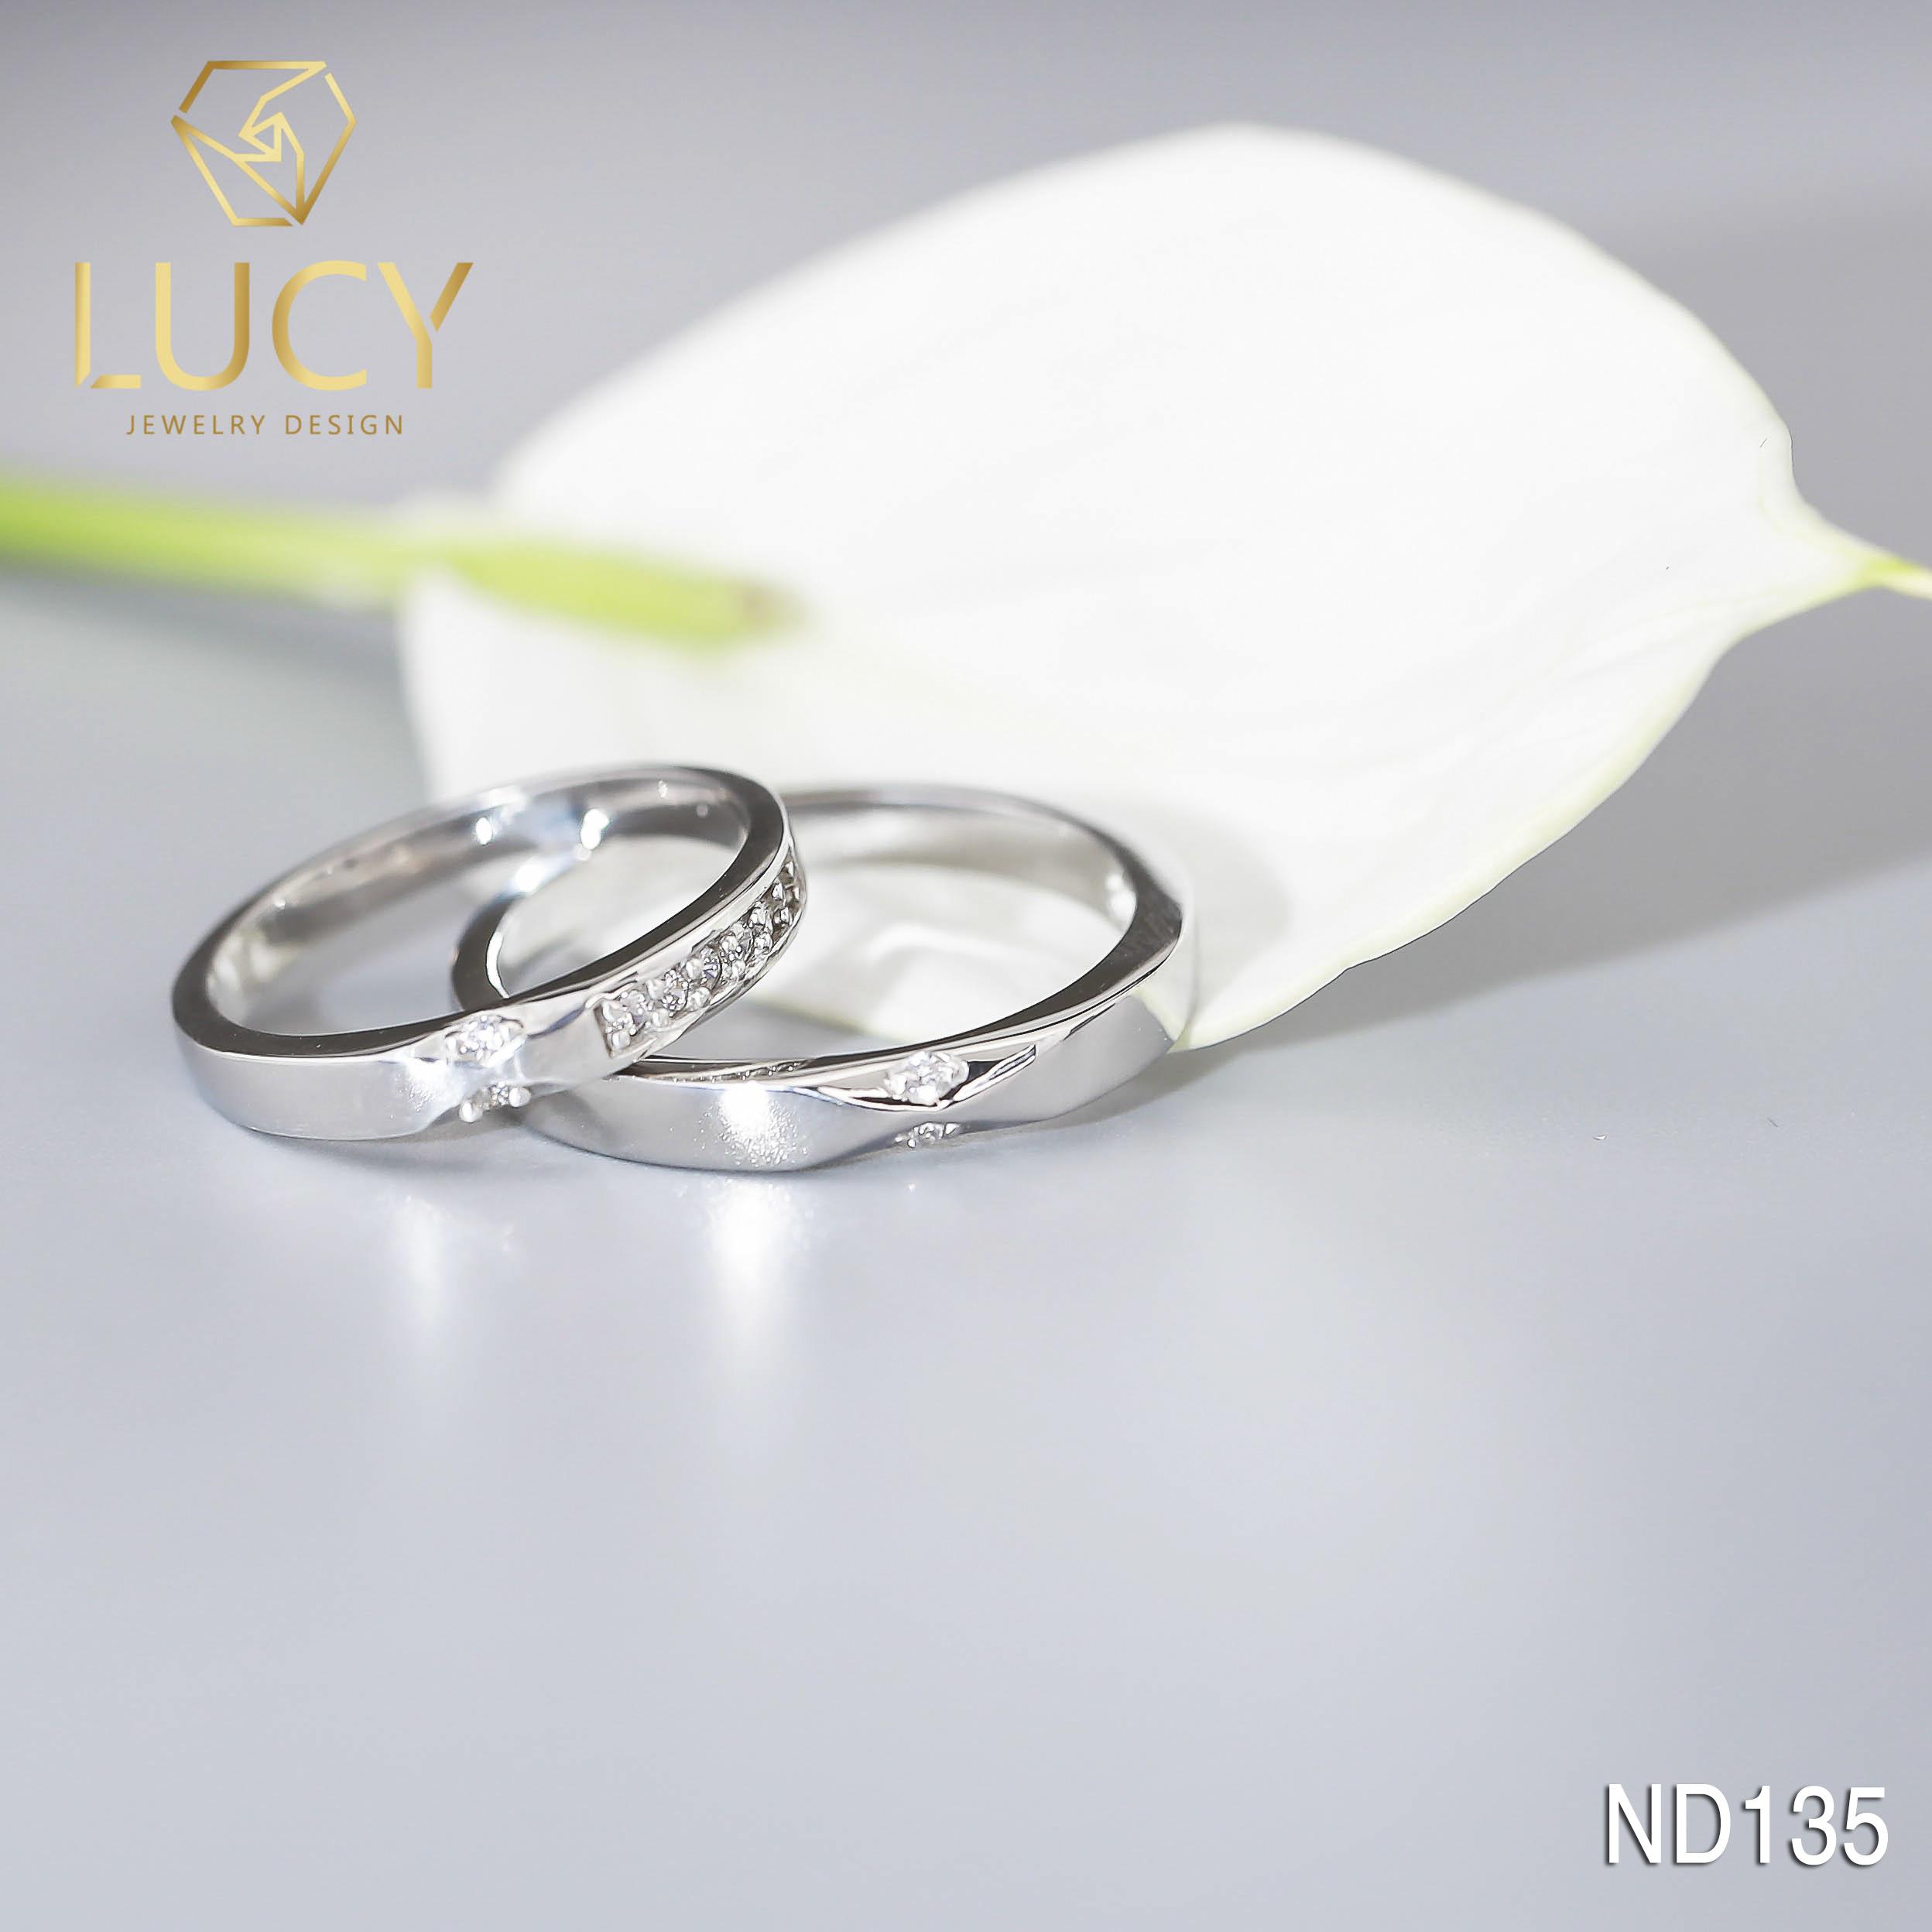 Nhẫn đôi nhẫn cặp bạc Lucy - ND135